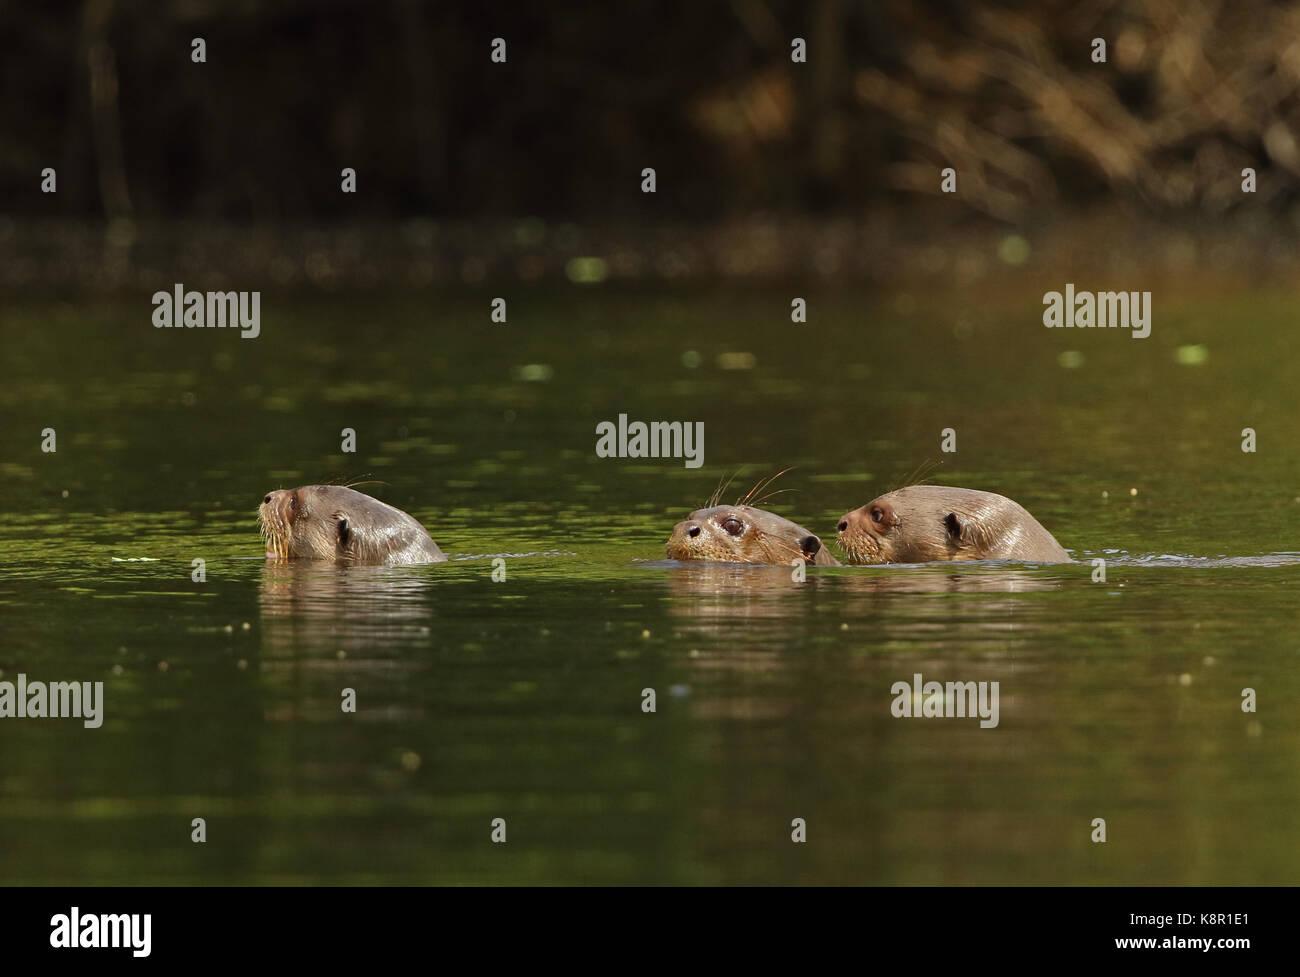 Nutria gigante (Pteronura brasiliensis) tres adultos nadar en el Río Inírida, Colombia noviembre Foto de stock